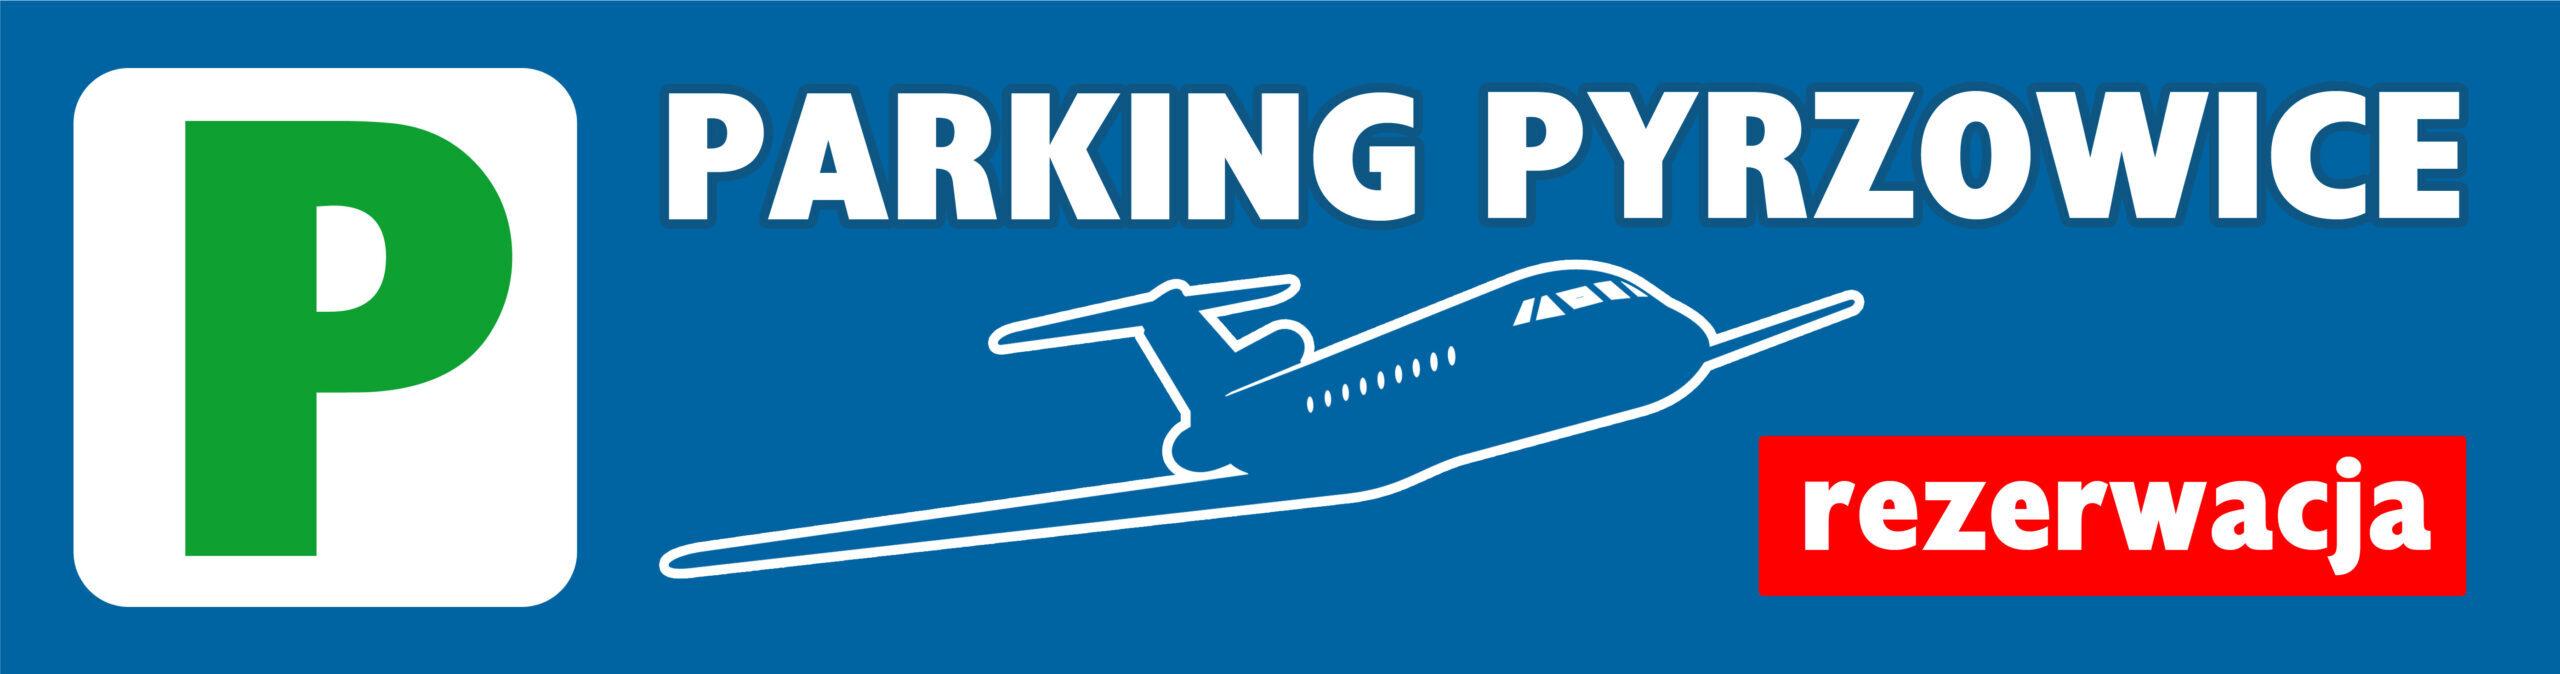 Rezerwacja parkingu Pyrzowice